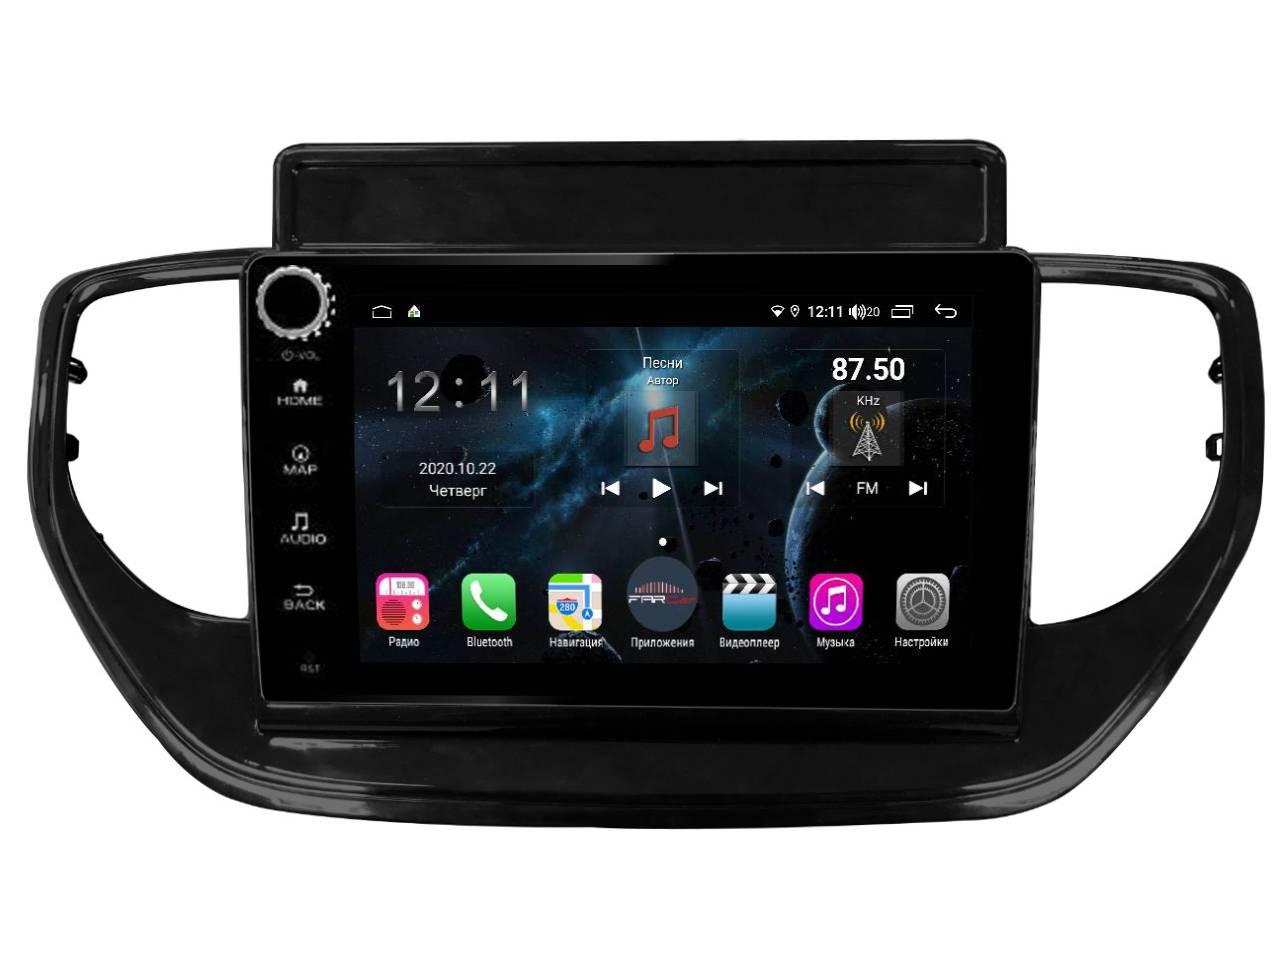 Штатная магнитола FarCar s400 для Hyundai Solaris 2020+ на Android (H2003RB)